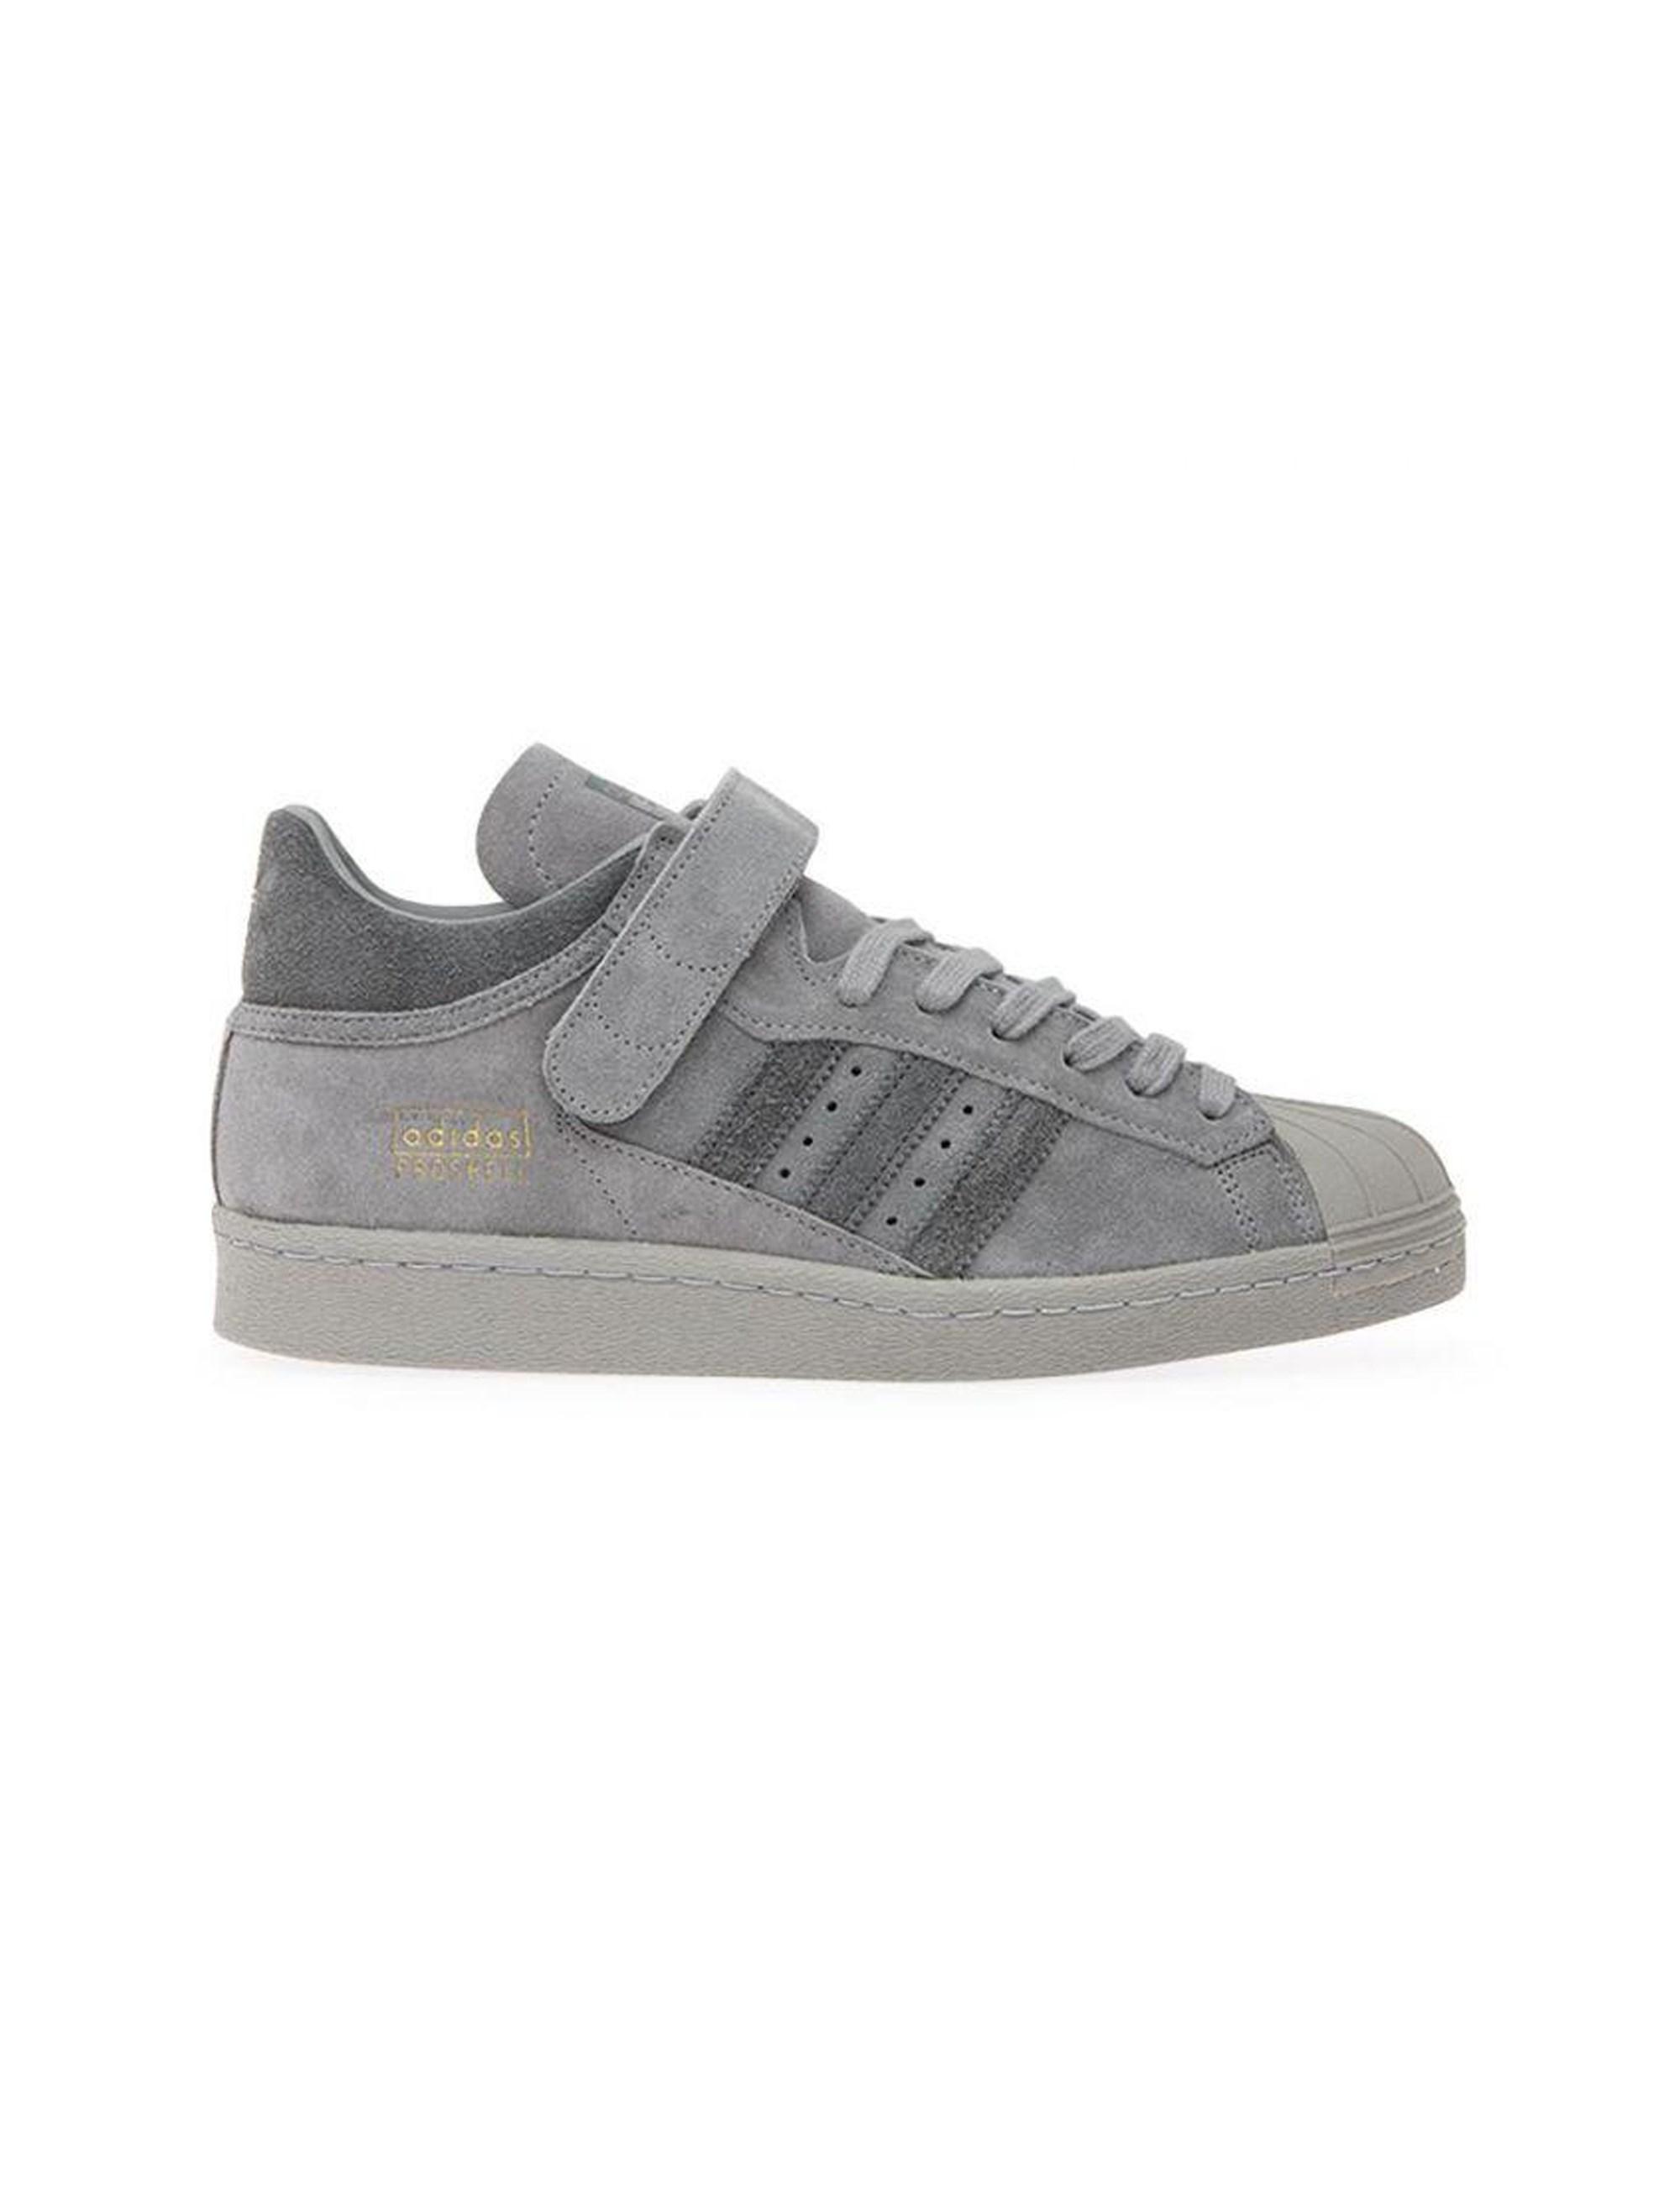 قیمت کفش مردانه آدیداس مدل Pro Shell 80s